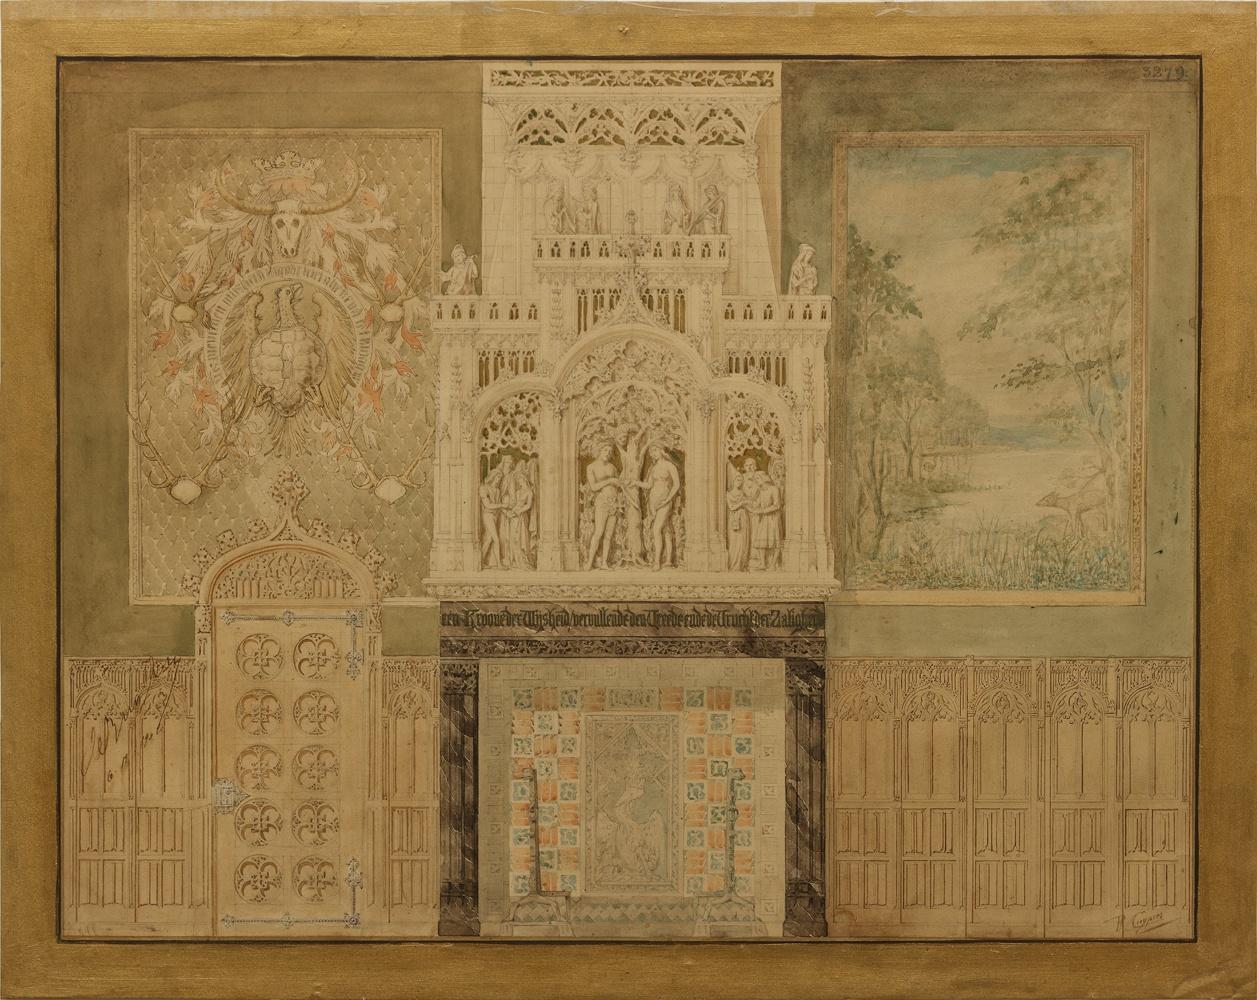 Ingekleurde ontwerptekening van een wand in kasteel De Haar